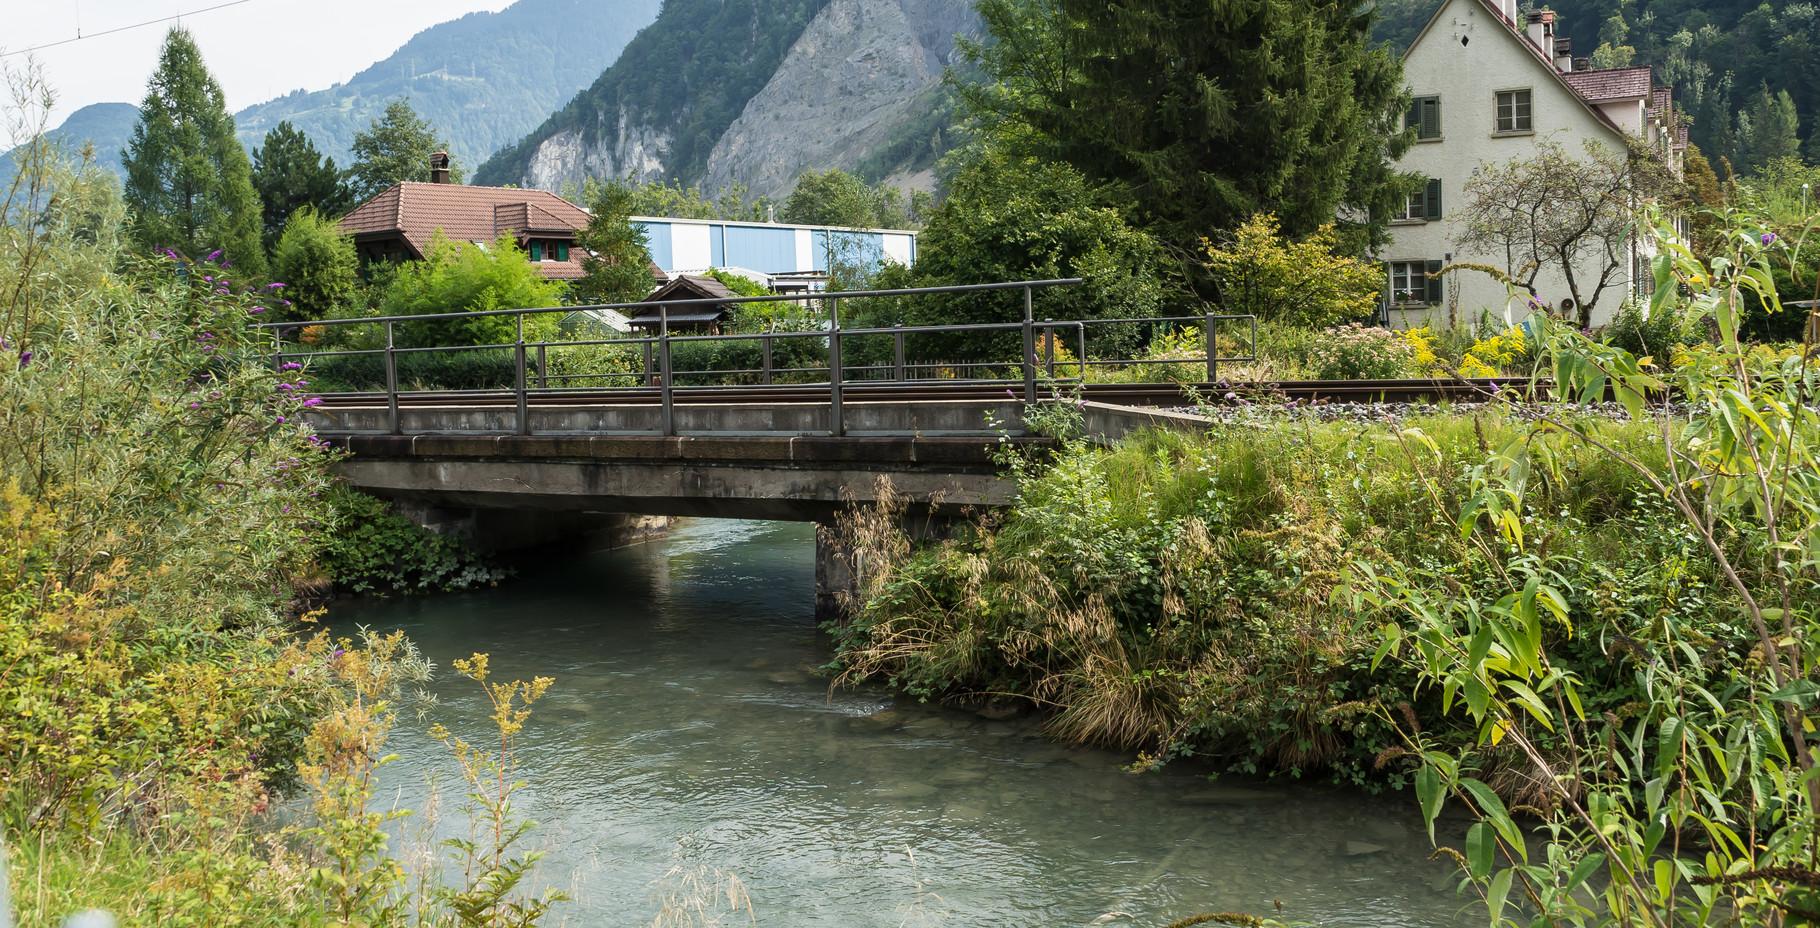 Dorfbach unter Eisenbahnbrücke  Koord.  723096 214545